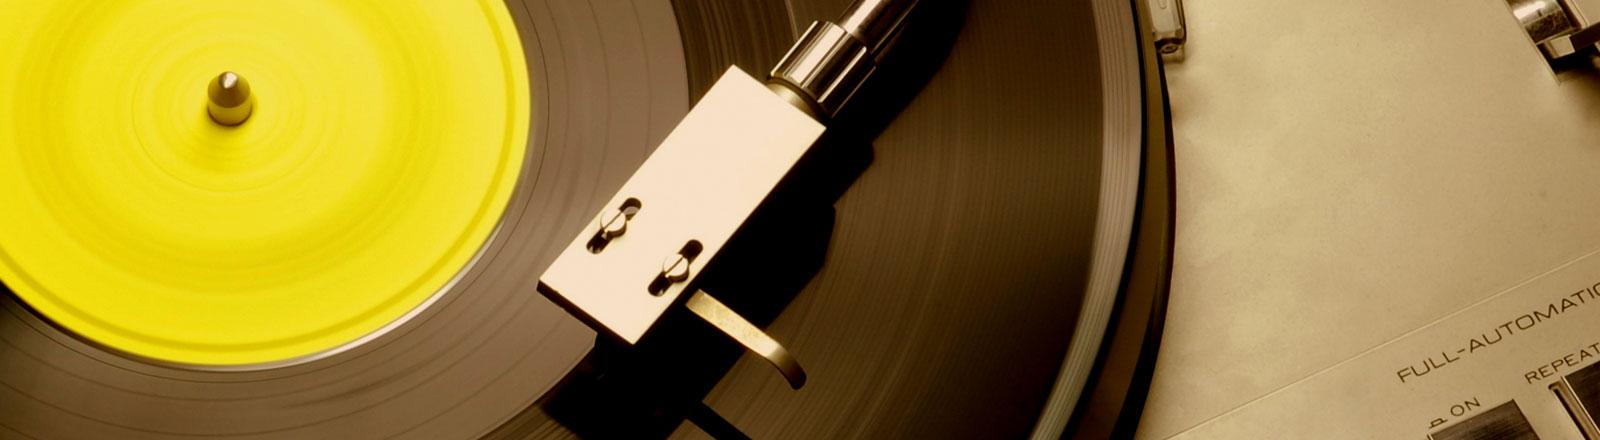 Eine Schallplatte auf einem Schallplattenspieler